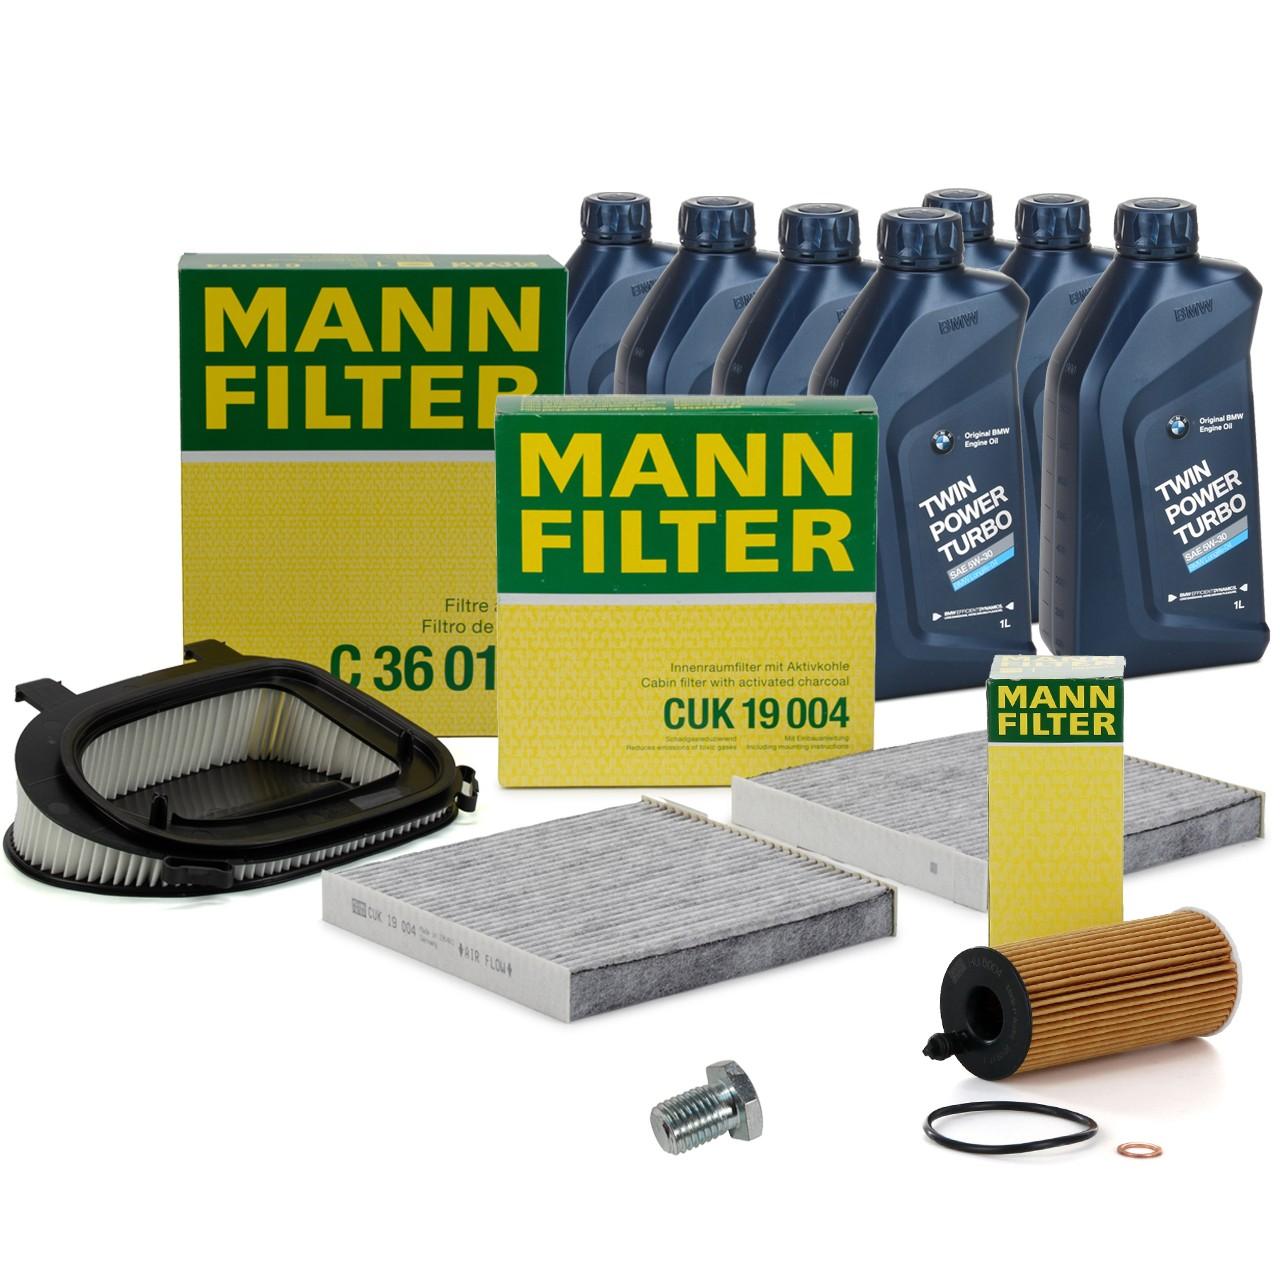 MANN Inspektionskit + 7 L ORIGINAL BMW 5W30 Motoröl für X3 F25 18d 20d 30d